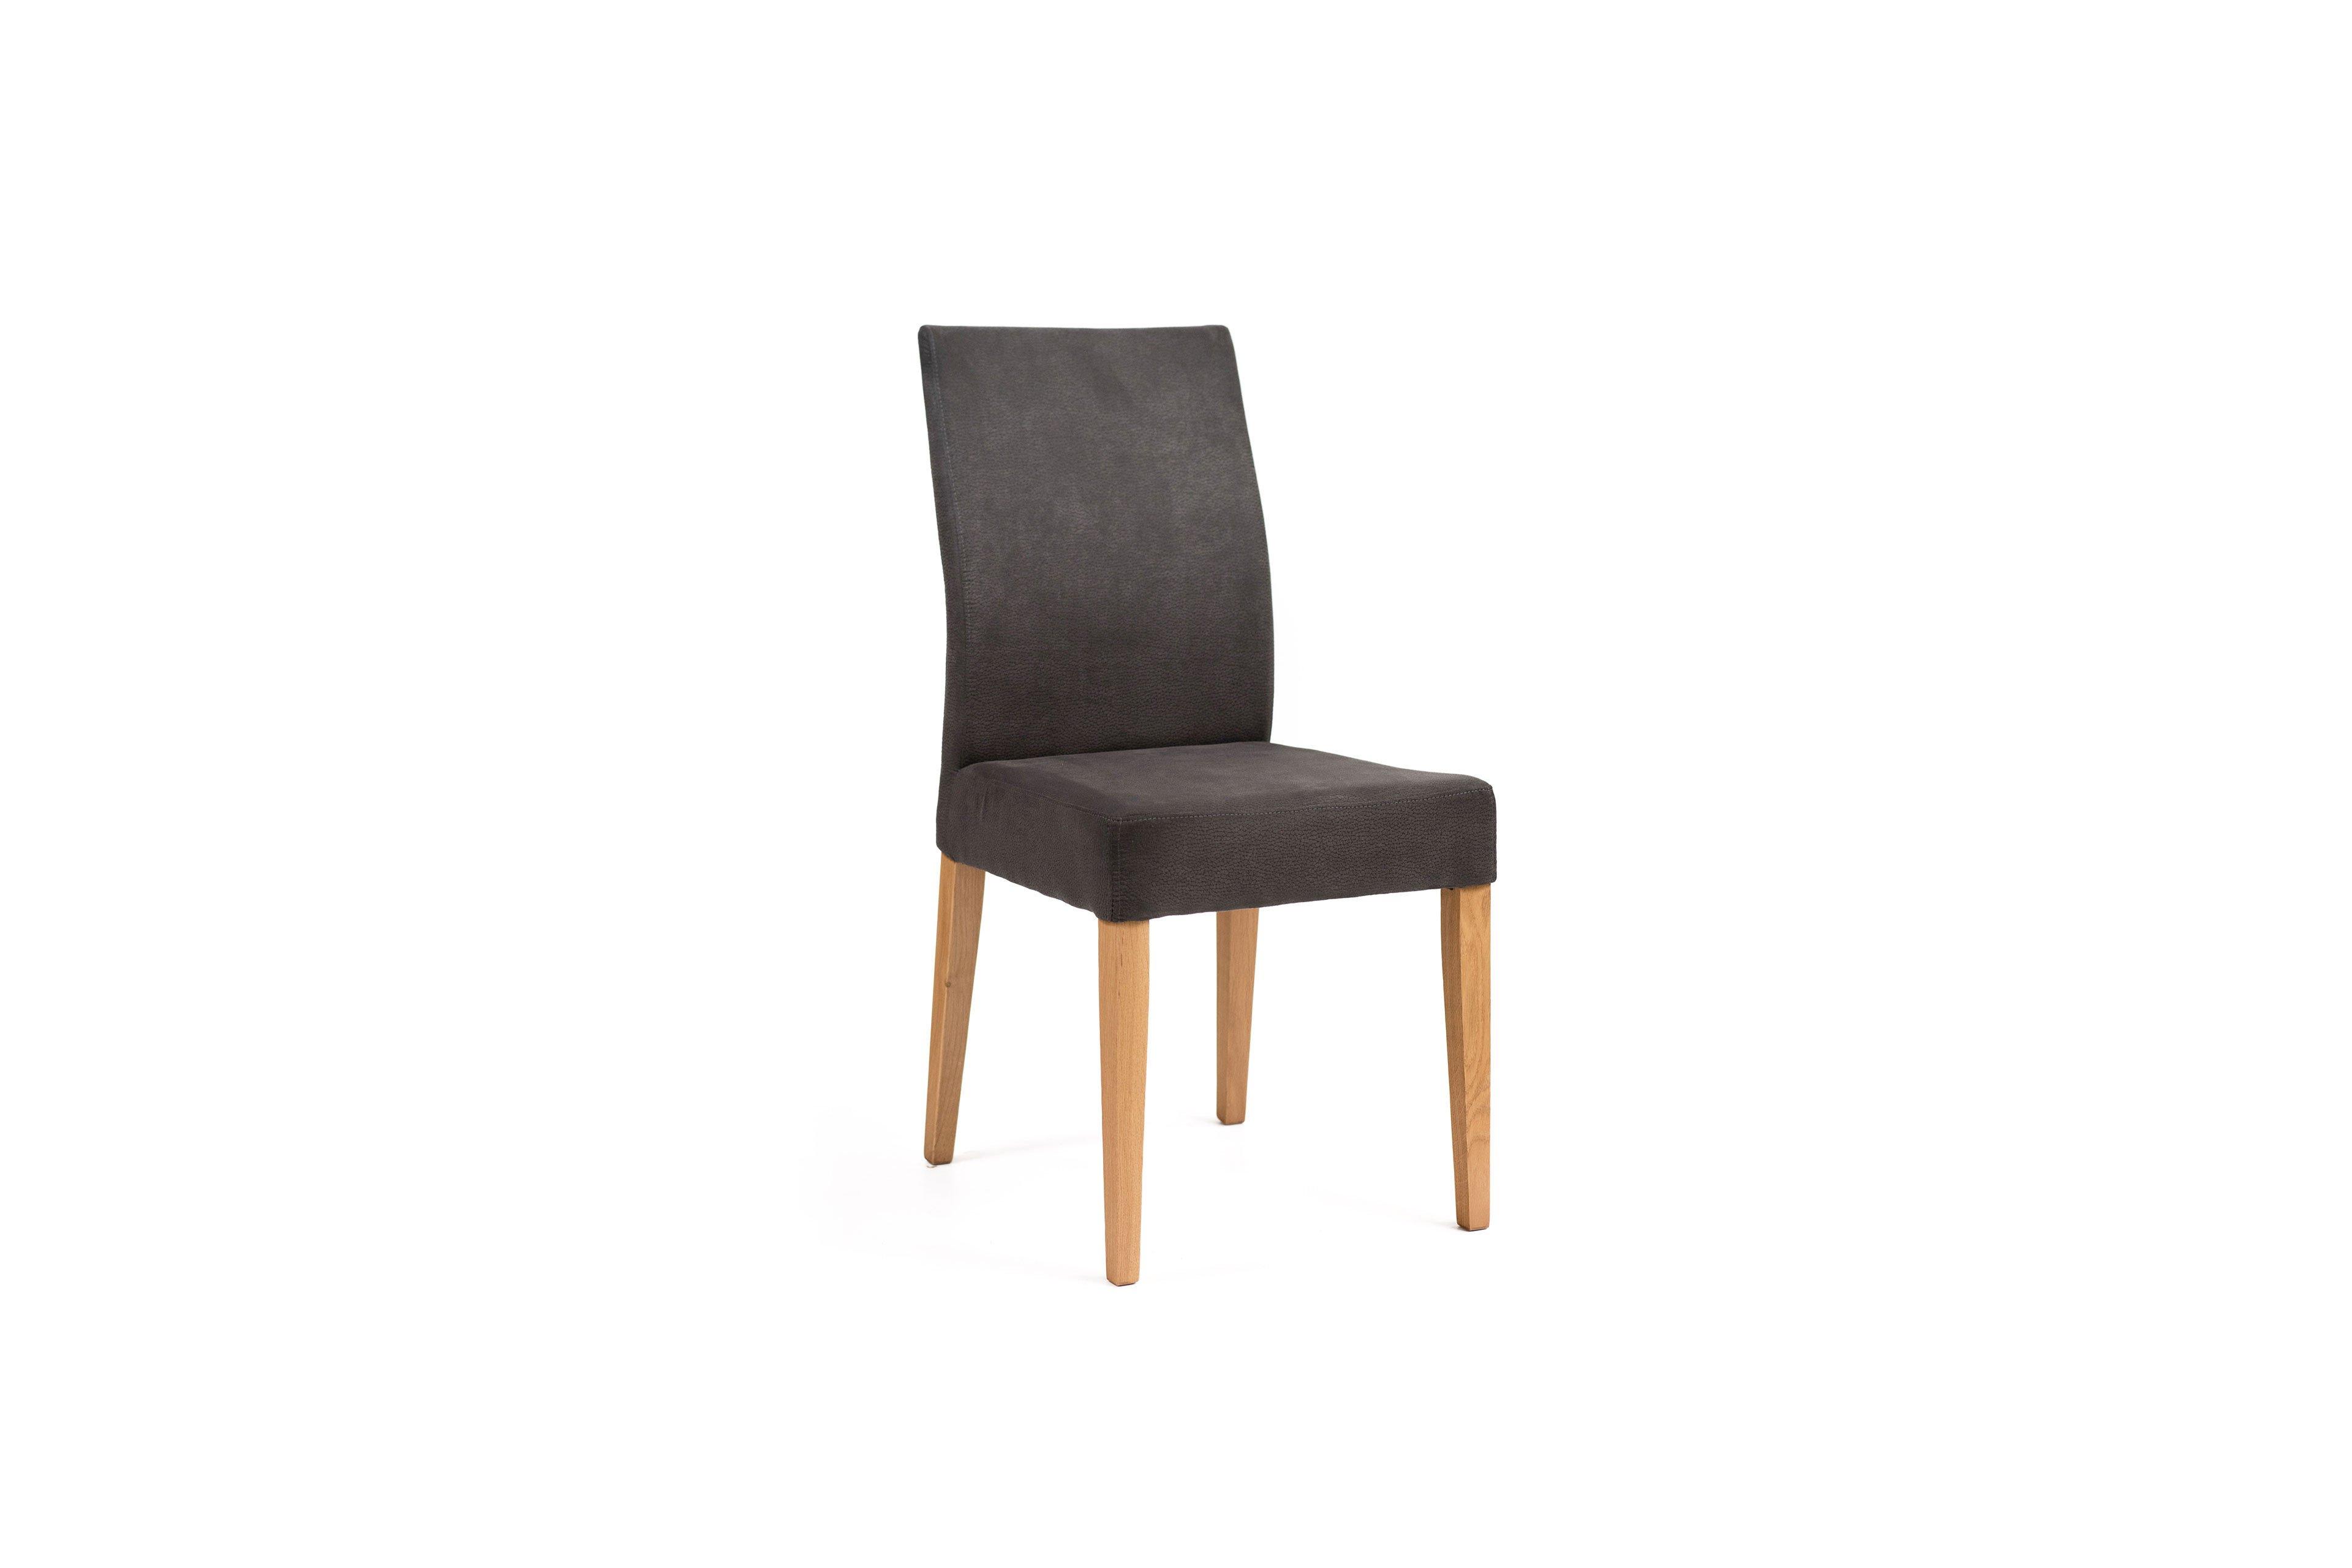 Standard Furniture Stuhl Cora in Schwarz | Möbel Letz - Ihr Online-Shop